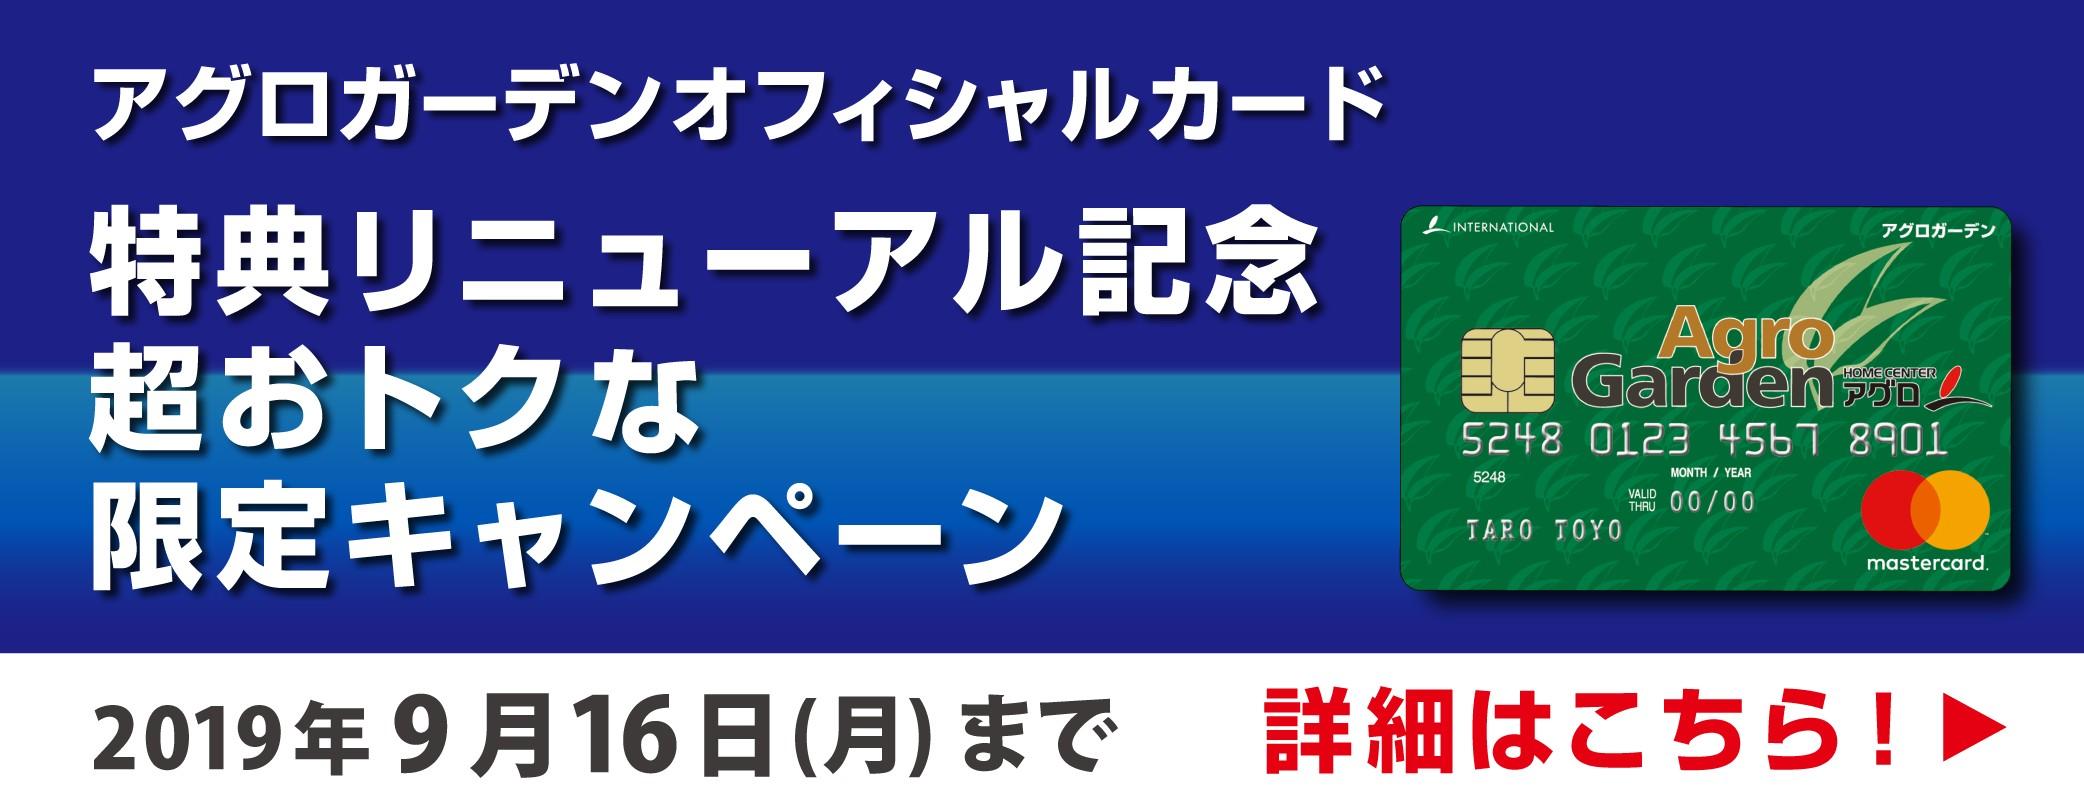 アグロガーデンオフィシャルカード特典リニューアル記念 限定キャンペーン